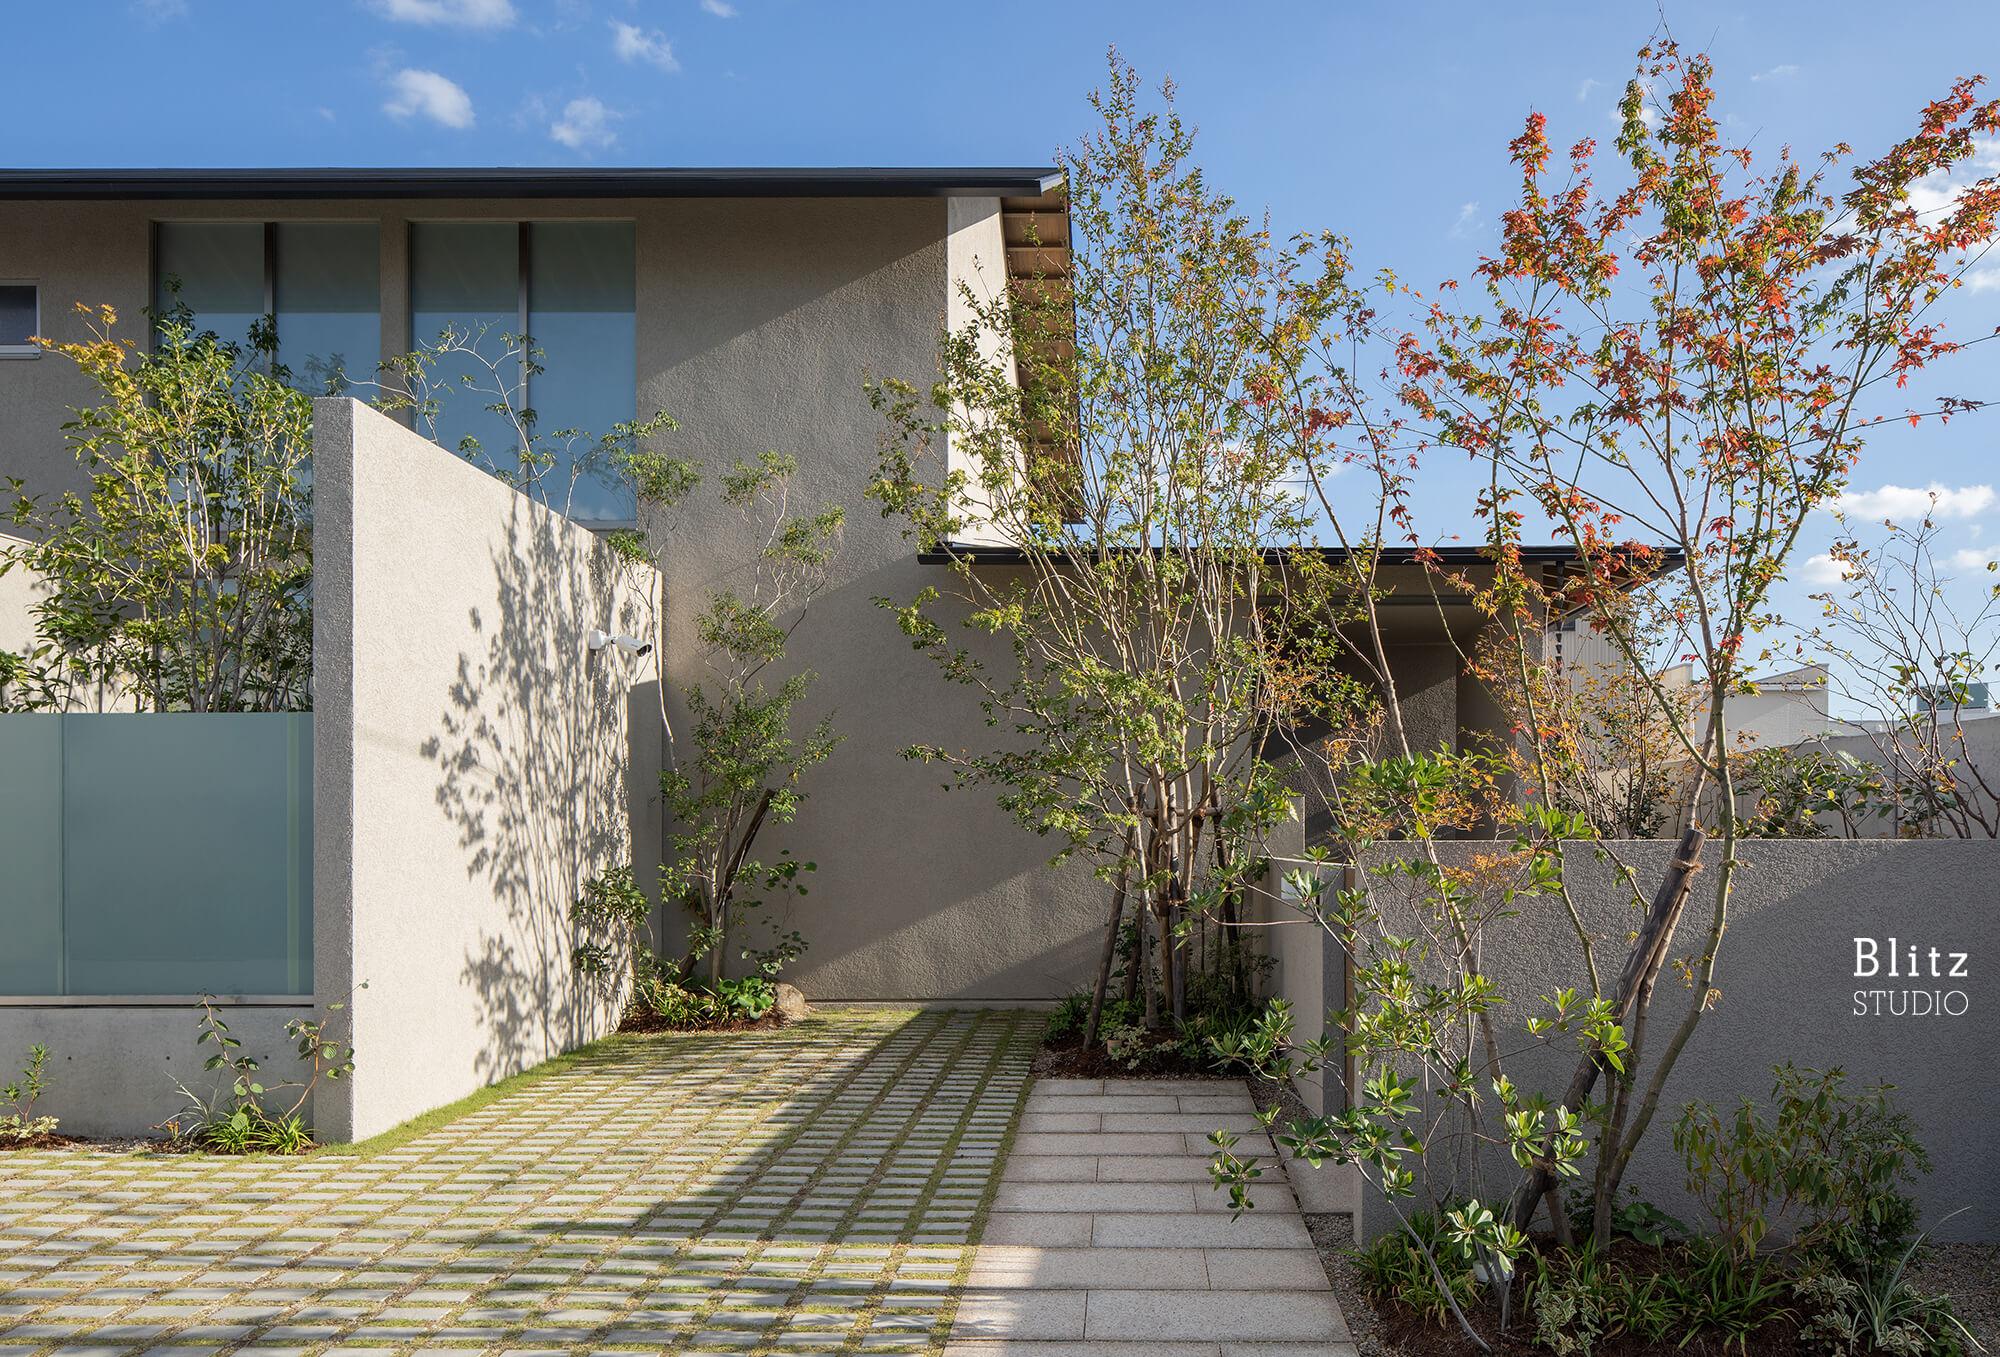 『尾ノ上の家』-熊本県熊本市-建築写真・竣工写真・インテリア写真2